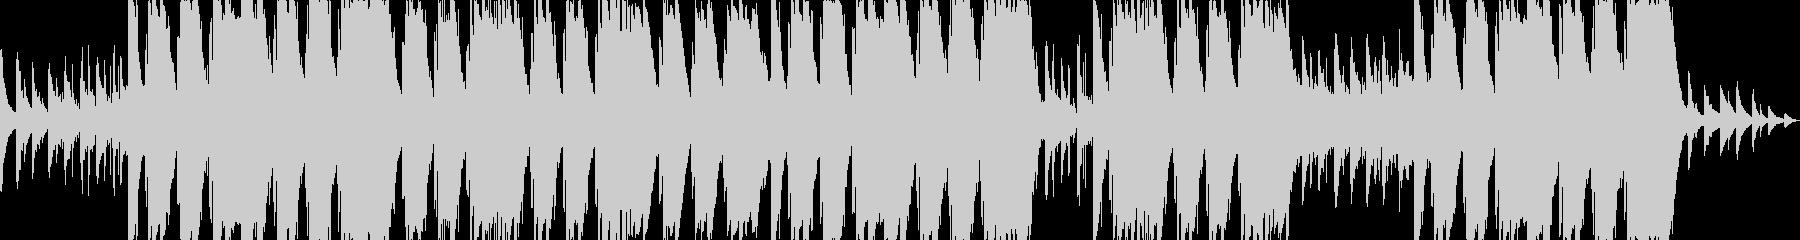 疾走感のあるギタートラップサウンドの未再生の波形